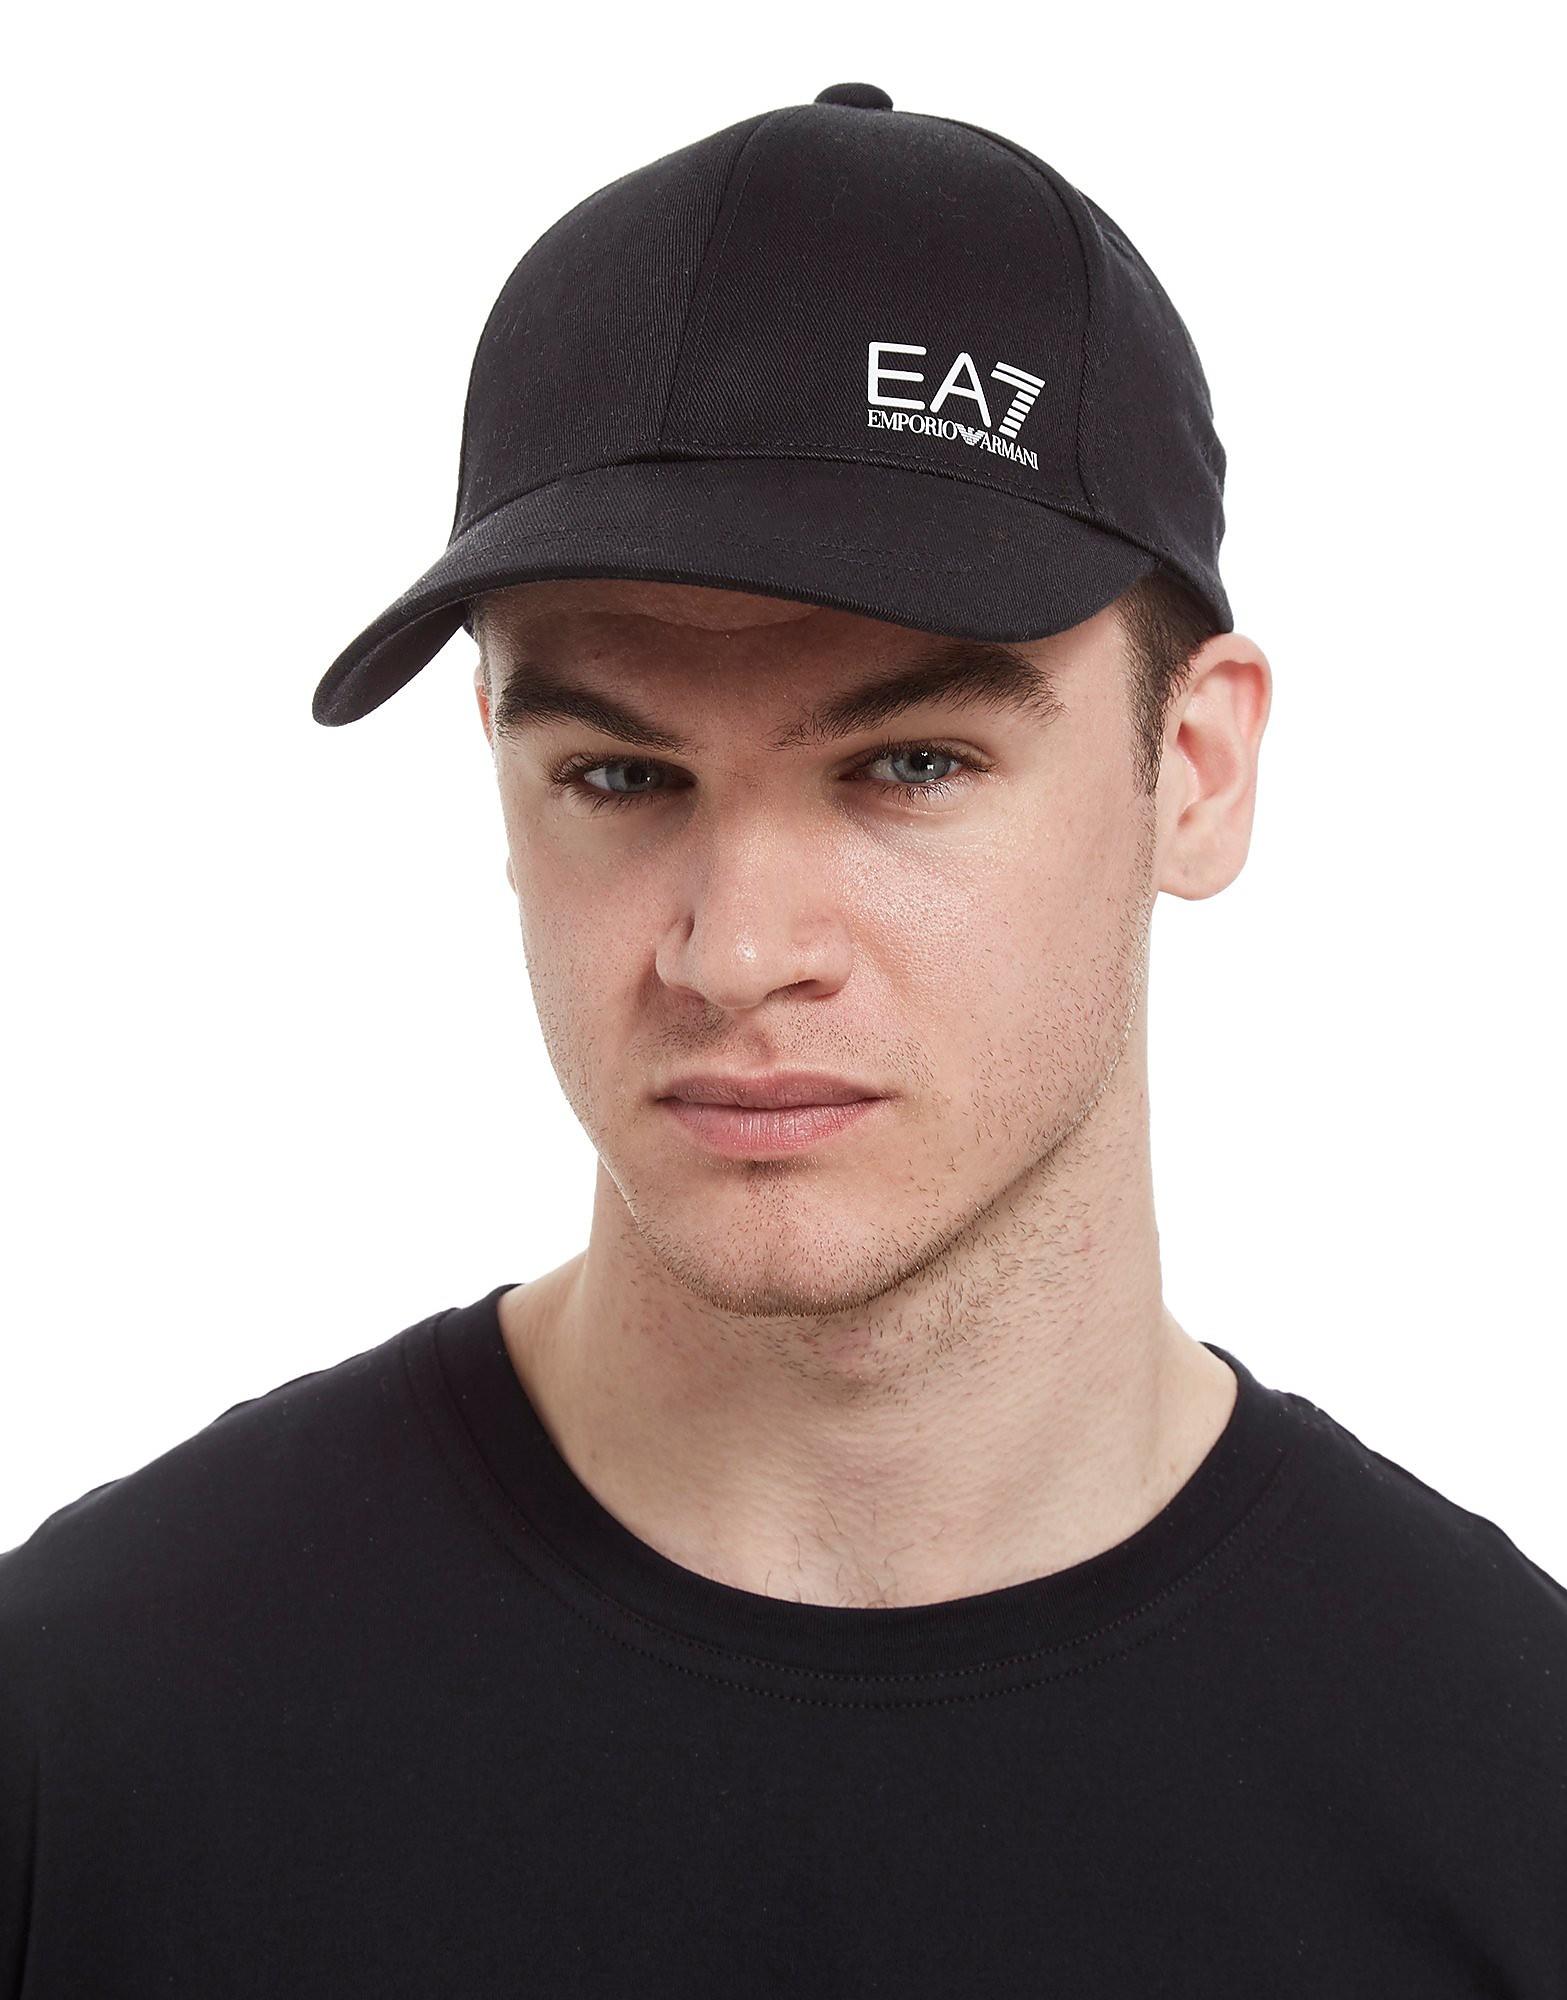 Emporio Armani EA7 Core Cappellino